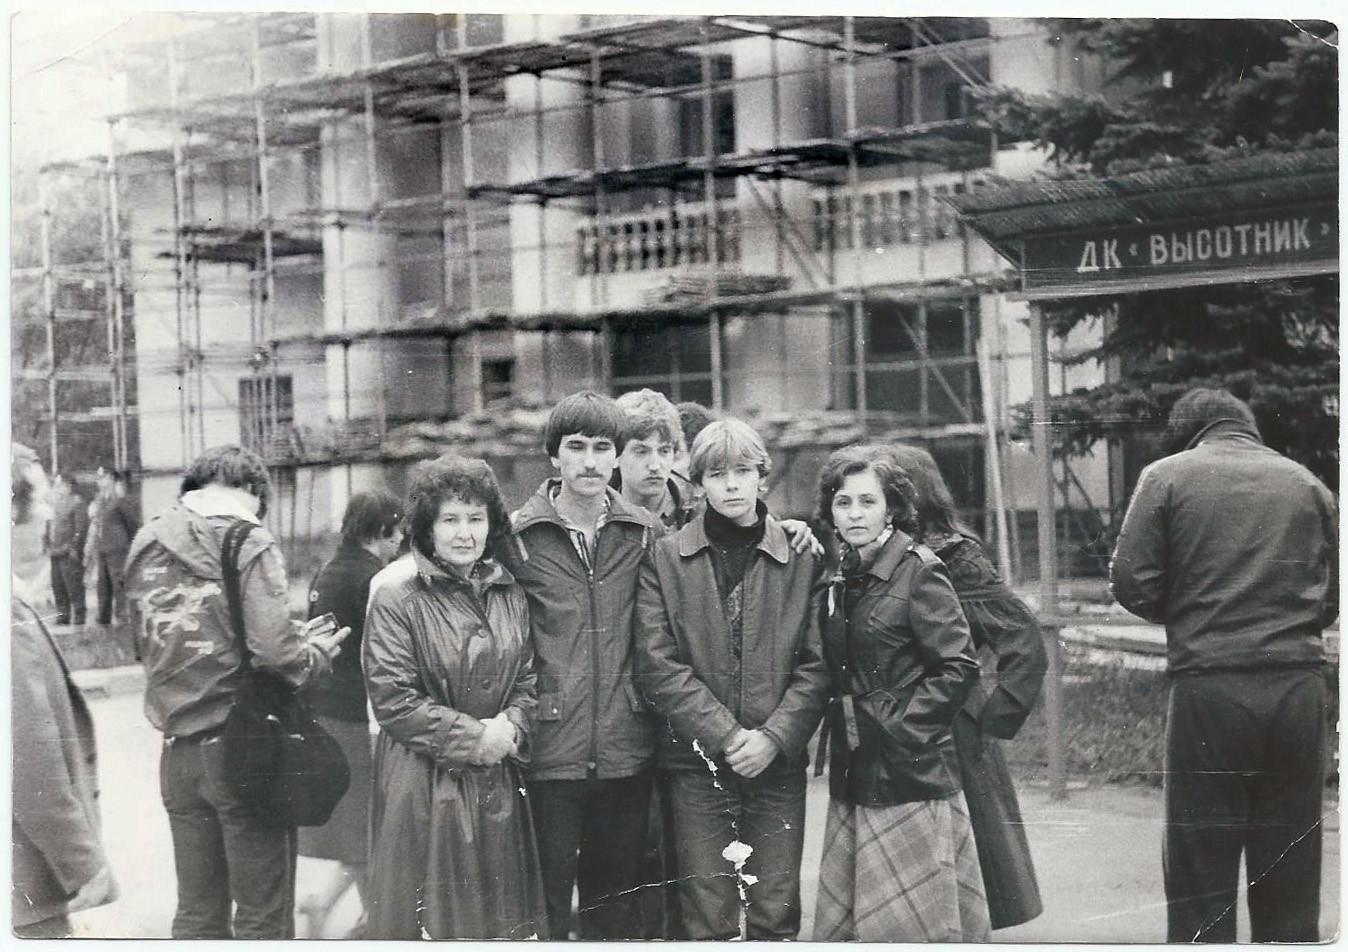 1985, проводы в армию. Тогда весь район от Высотника в Раменках забирали. Архив Светланы Кириловой2